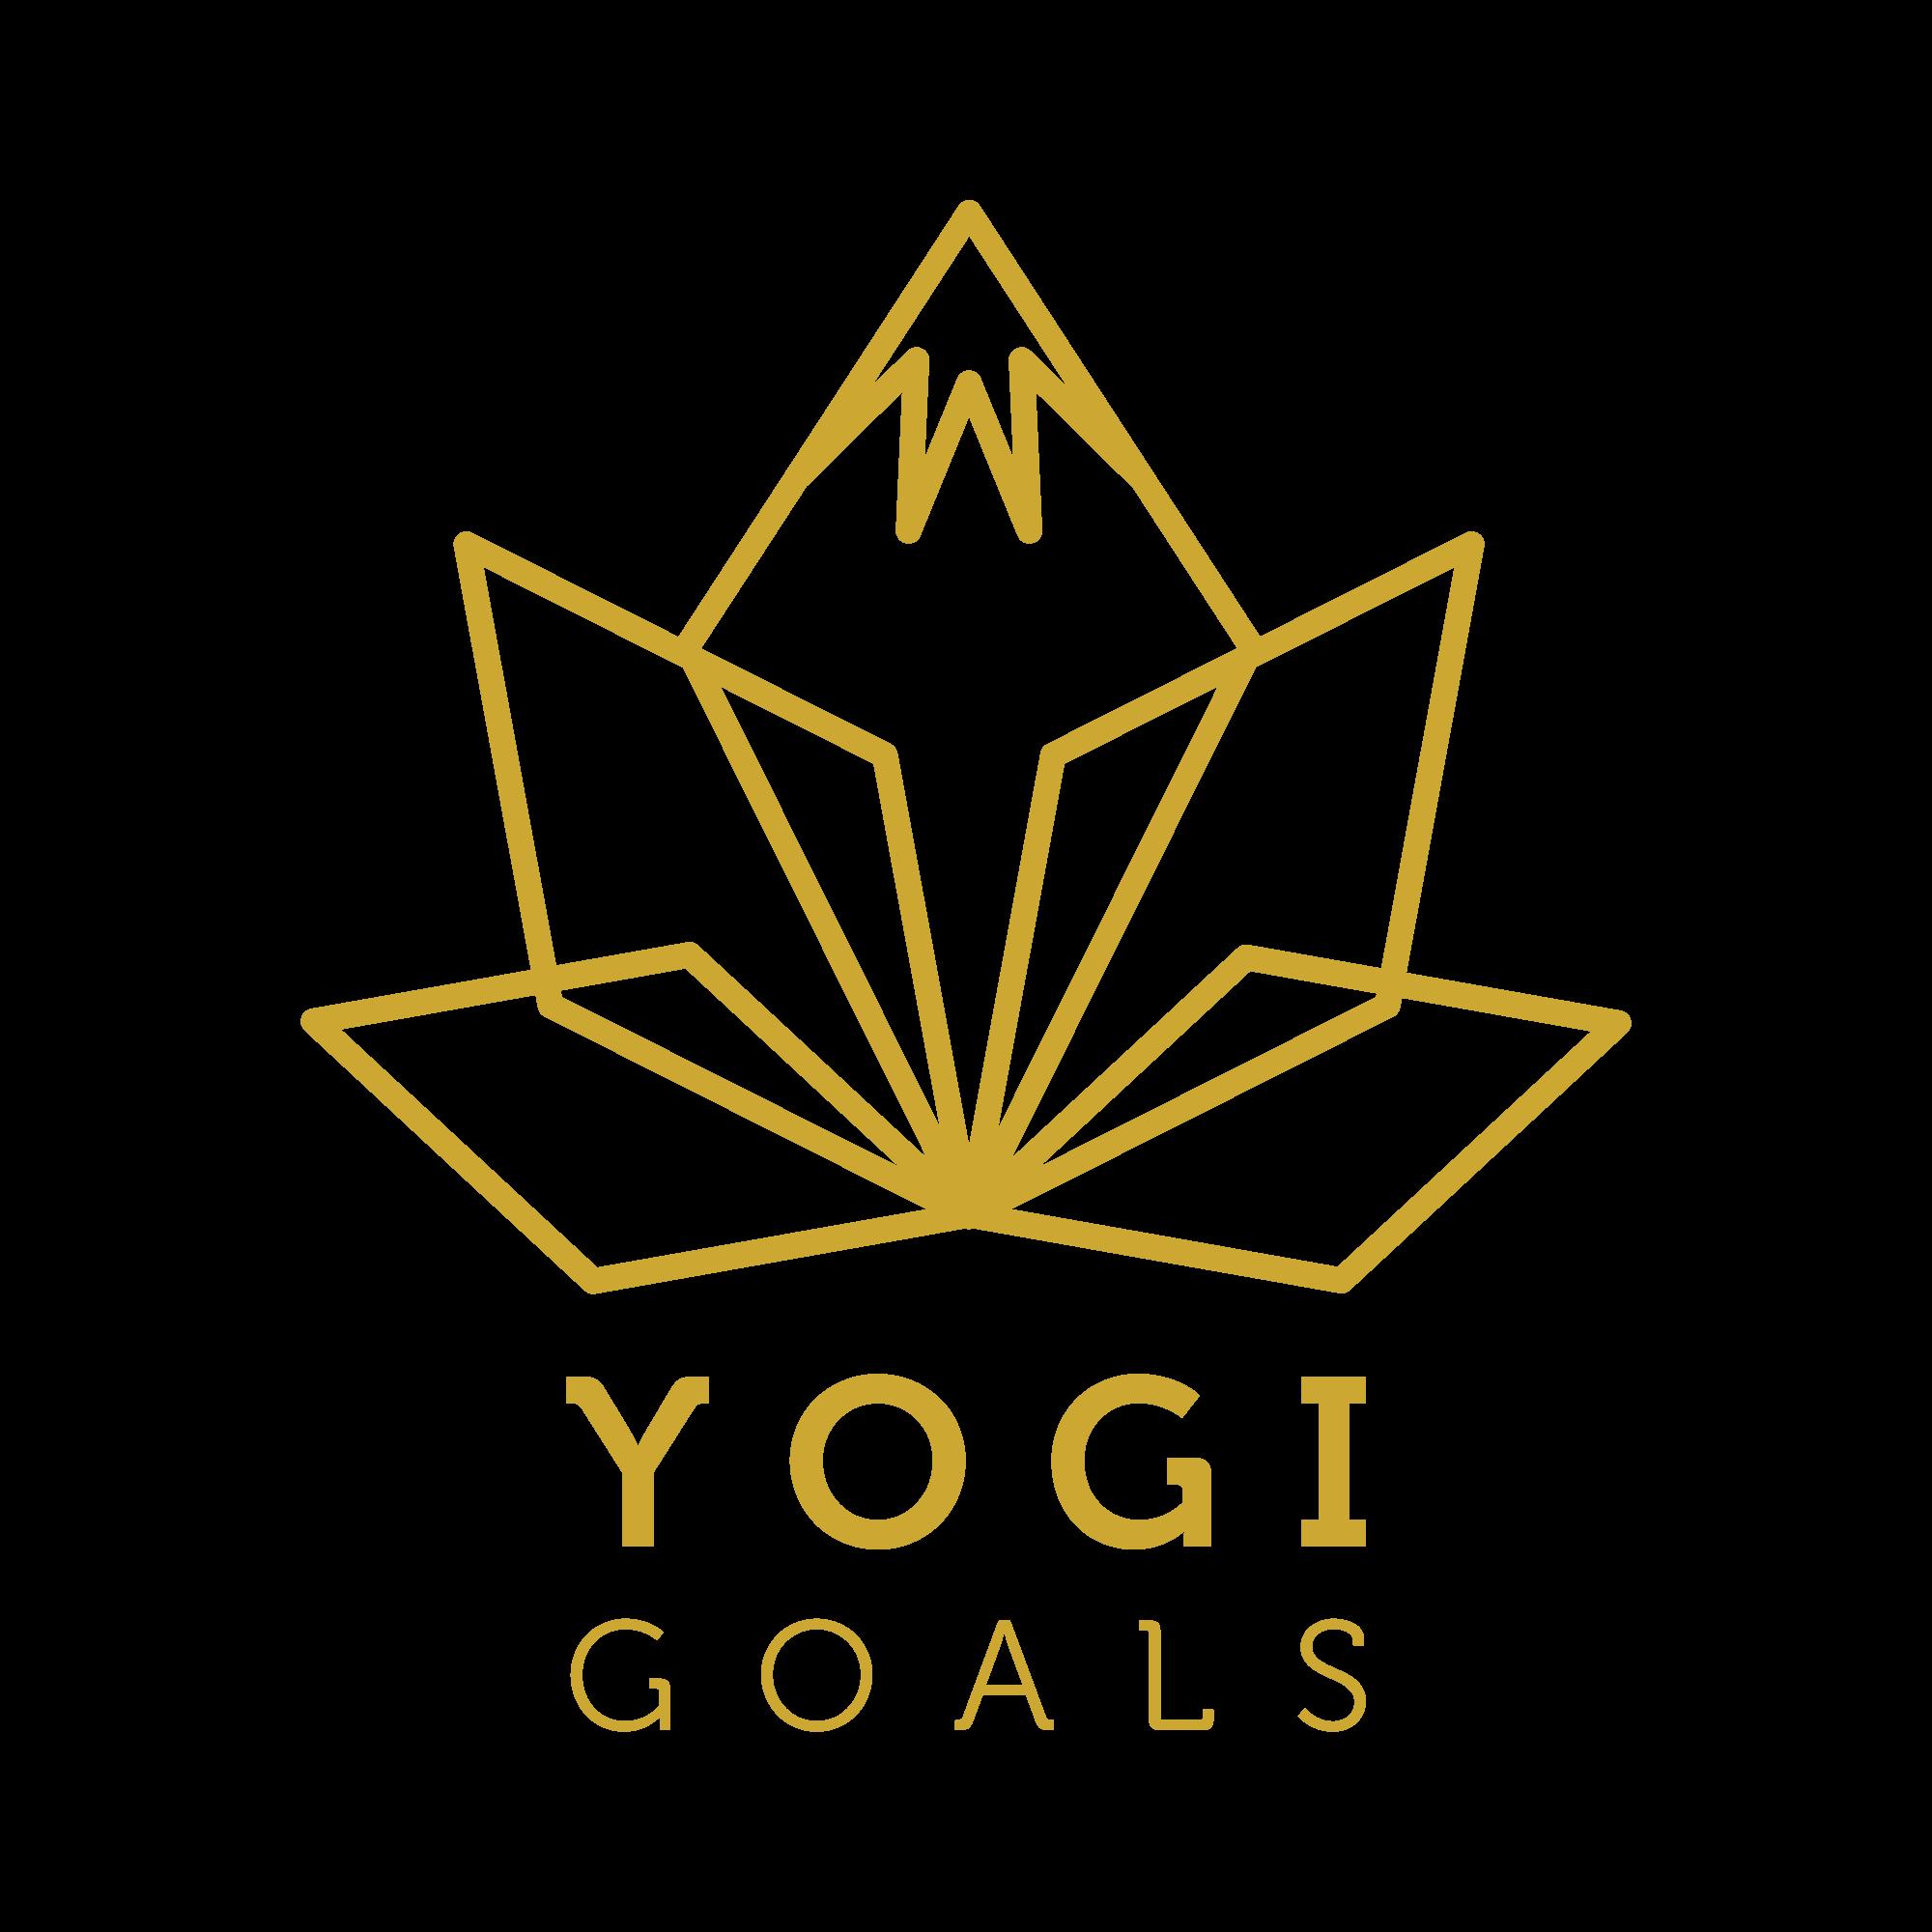 Yogi Goals